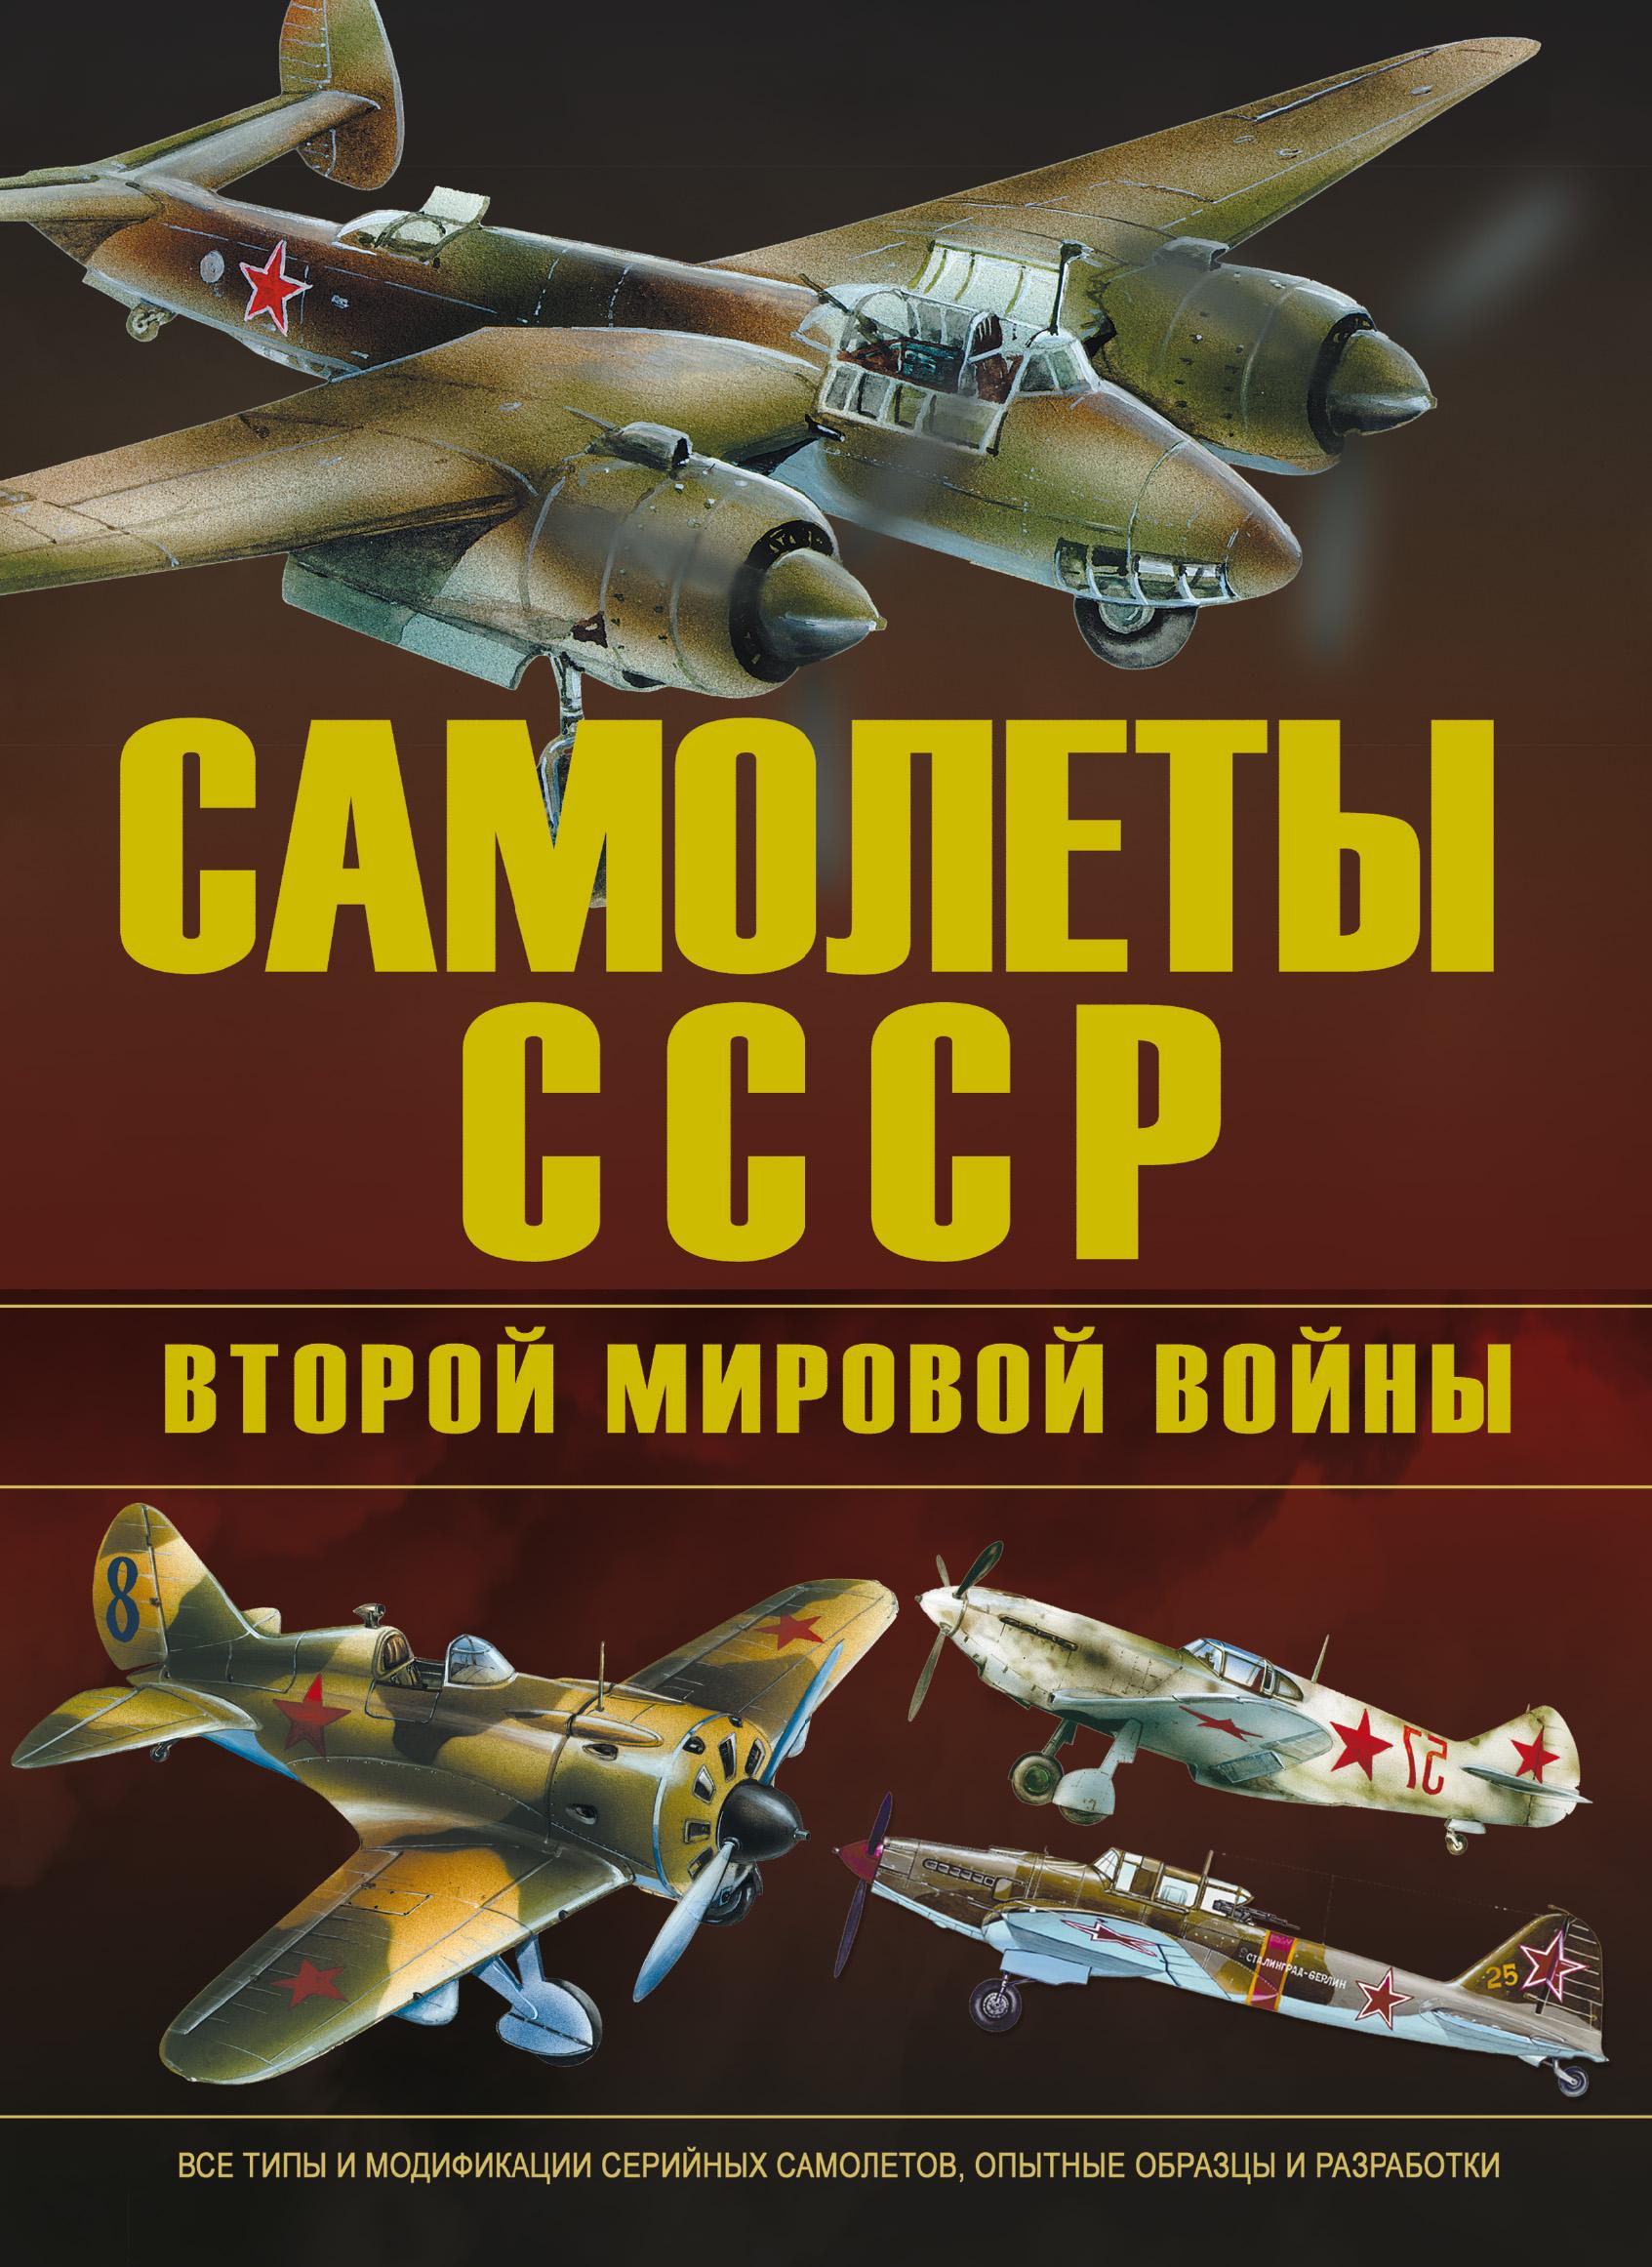 В. Е. Юденок Самолеты СССР Второй мировой войны парнов е сатанинские сделки тайны второй мировой войны комплект из 2 книг